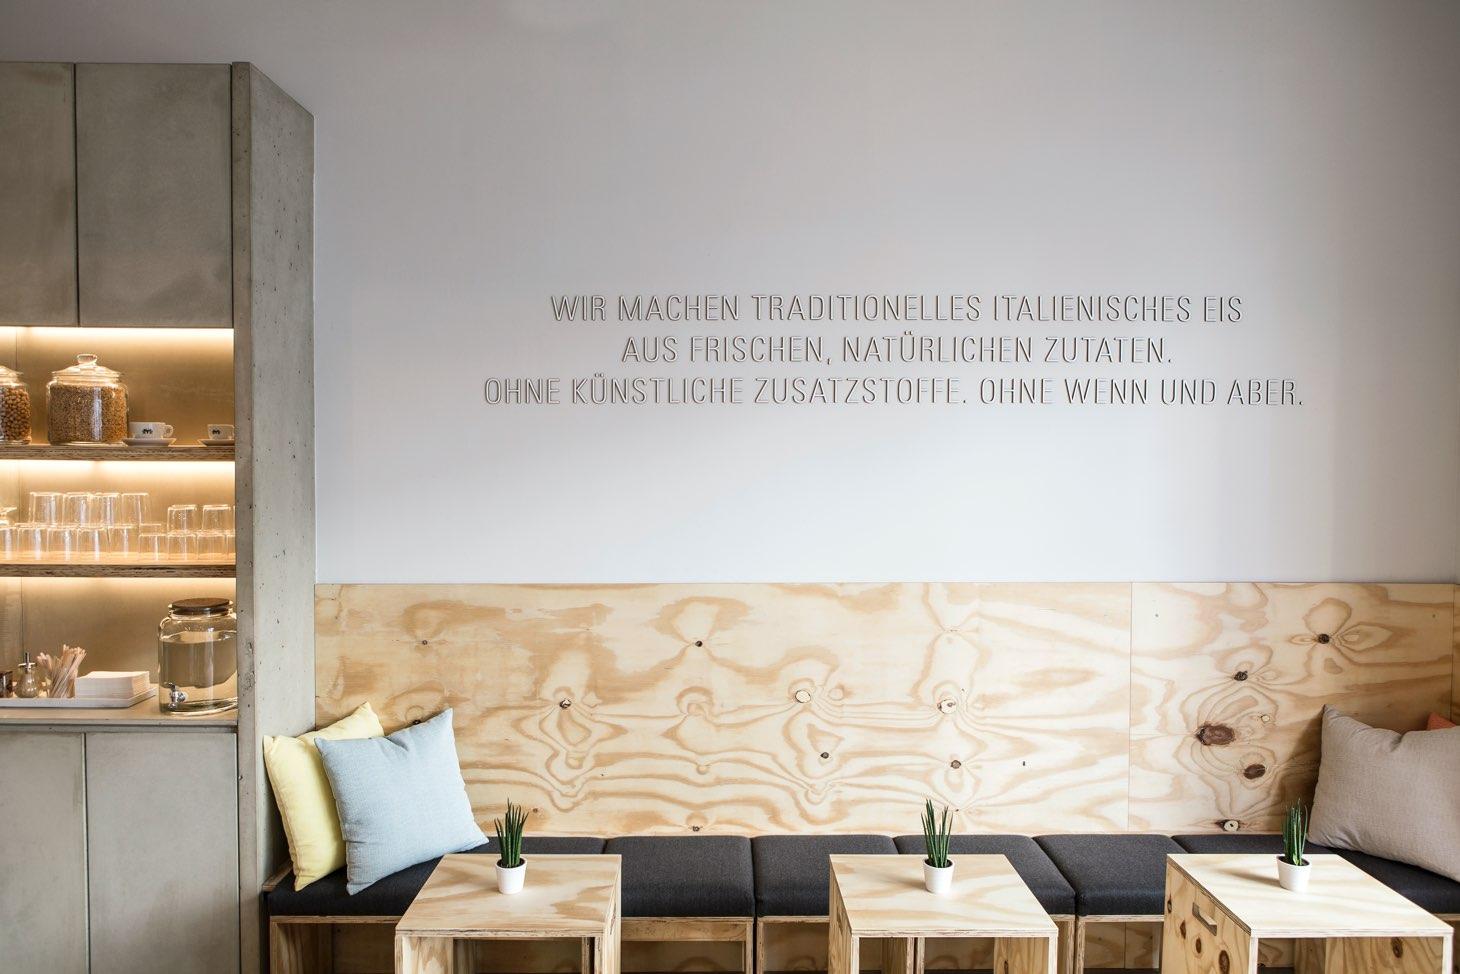 Leones Shop mit Firmenphilosophie als Wanddesign und Sitzgelegenheiten aus Holz